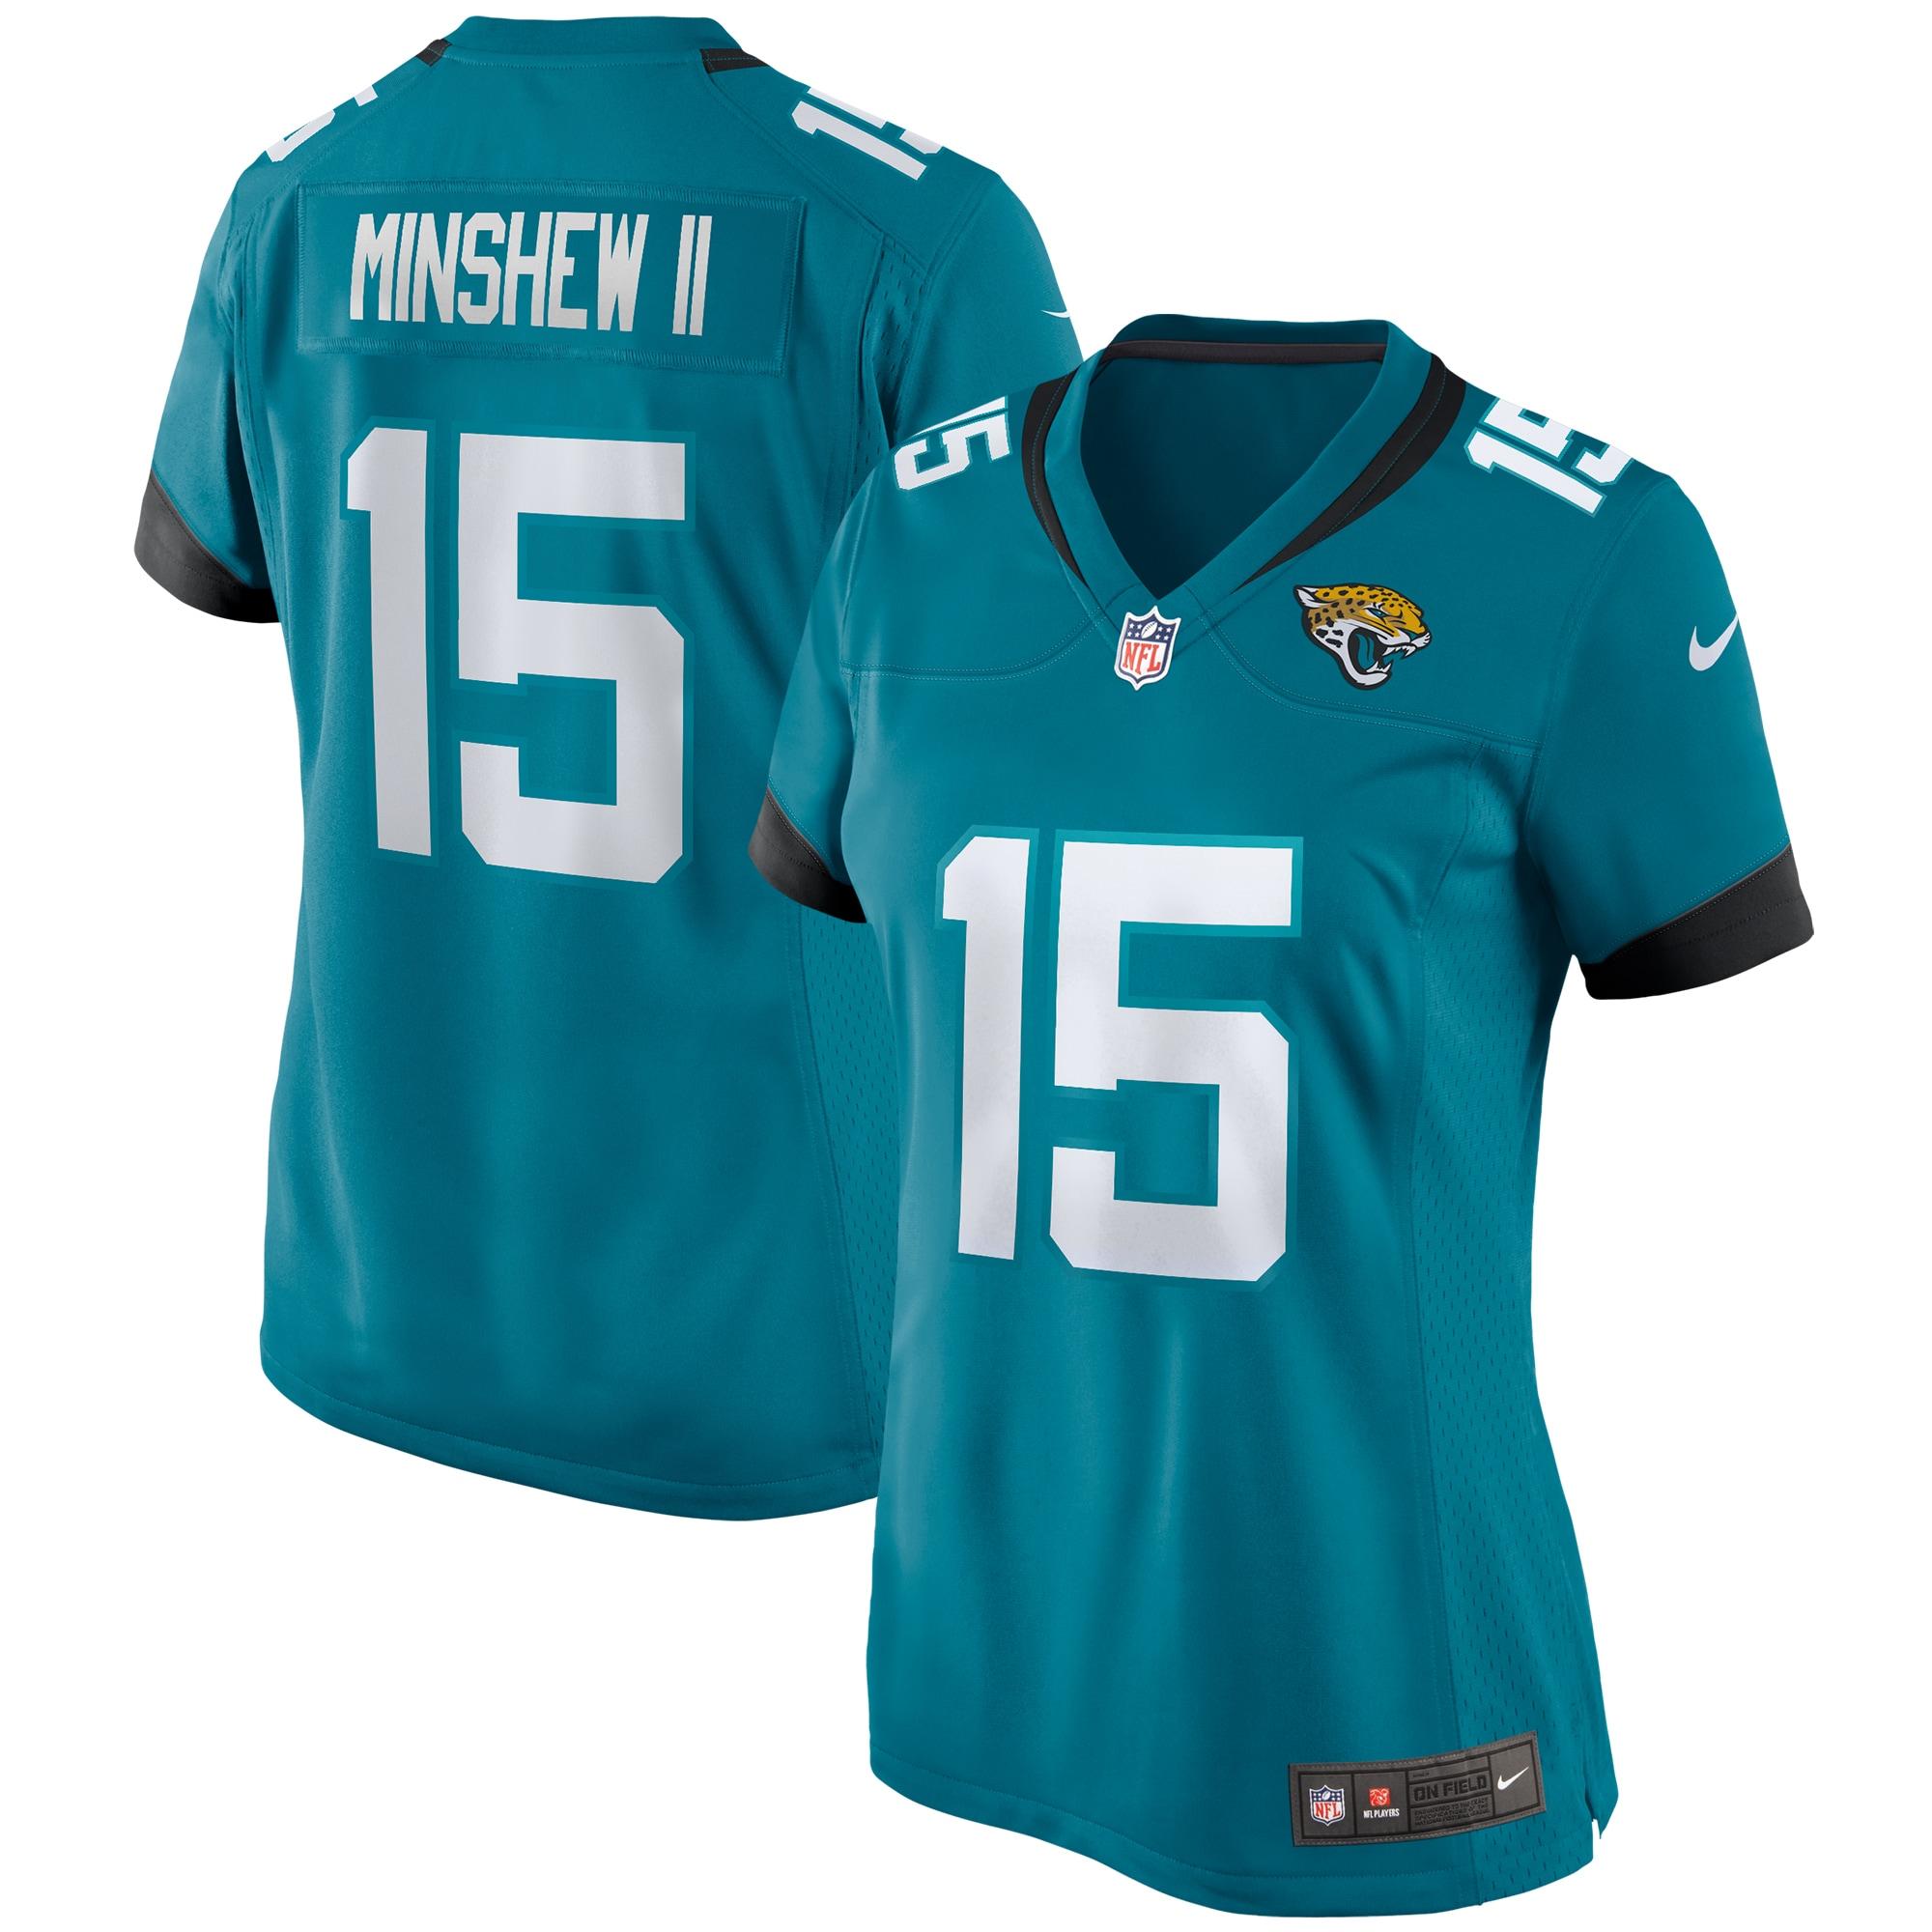 Gardner Minshew II Jacksonville Jaguars Nike Women's Game Jersey - Teal